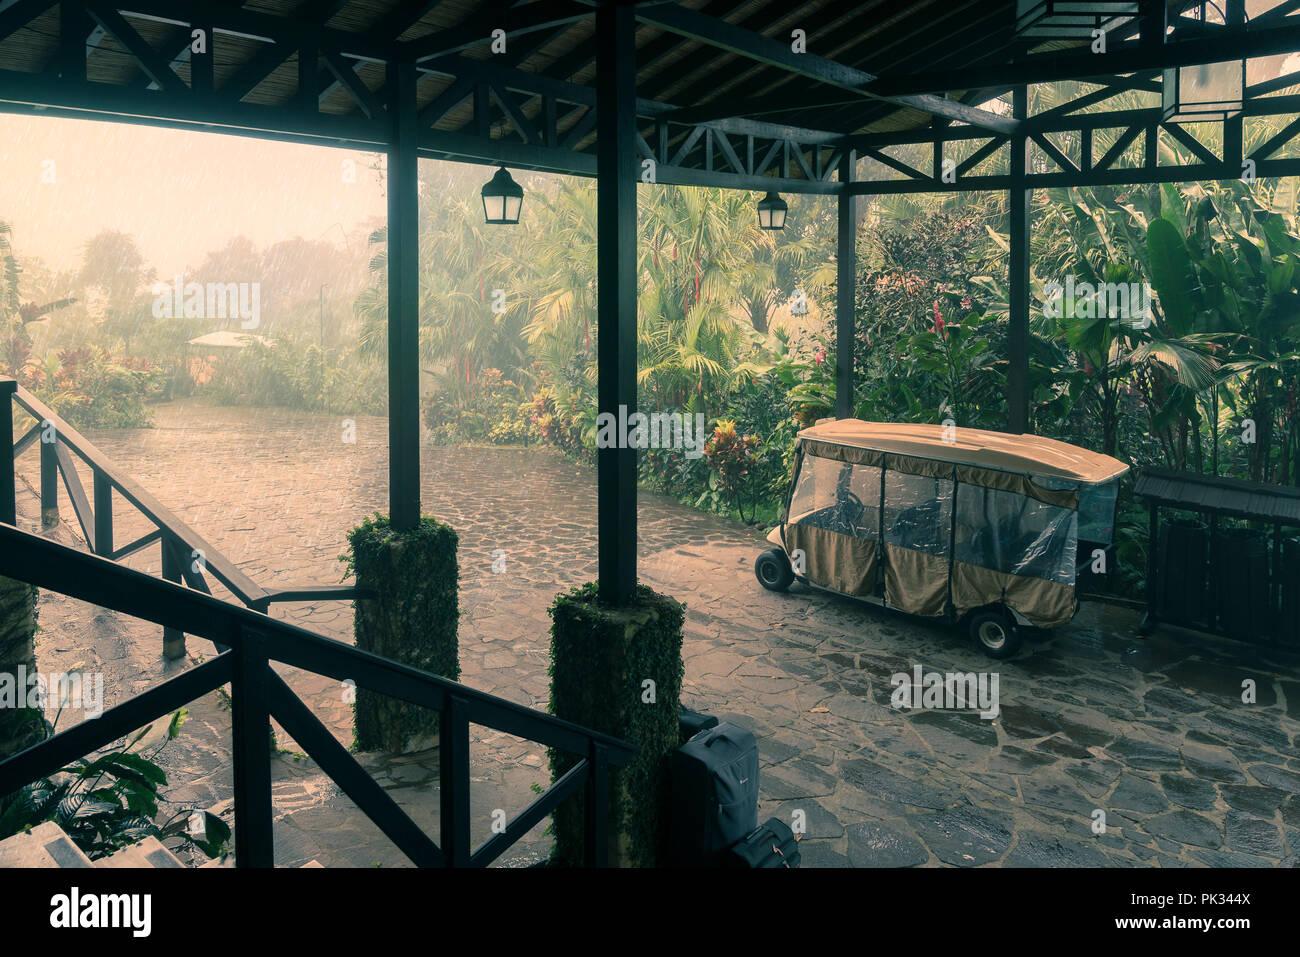 Raining, Mirador El Silencio, San Carlos, Costa Rica - Stock Image